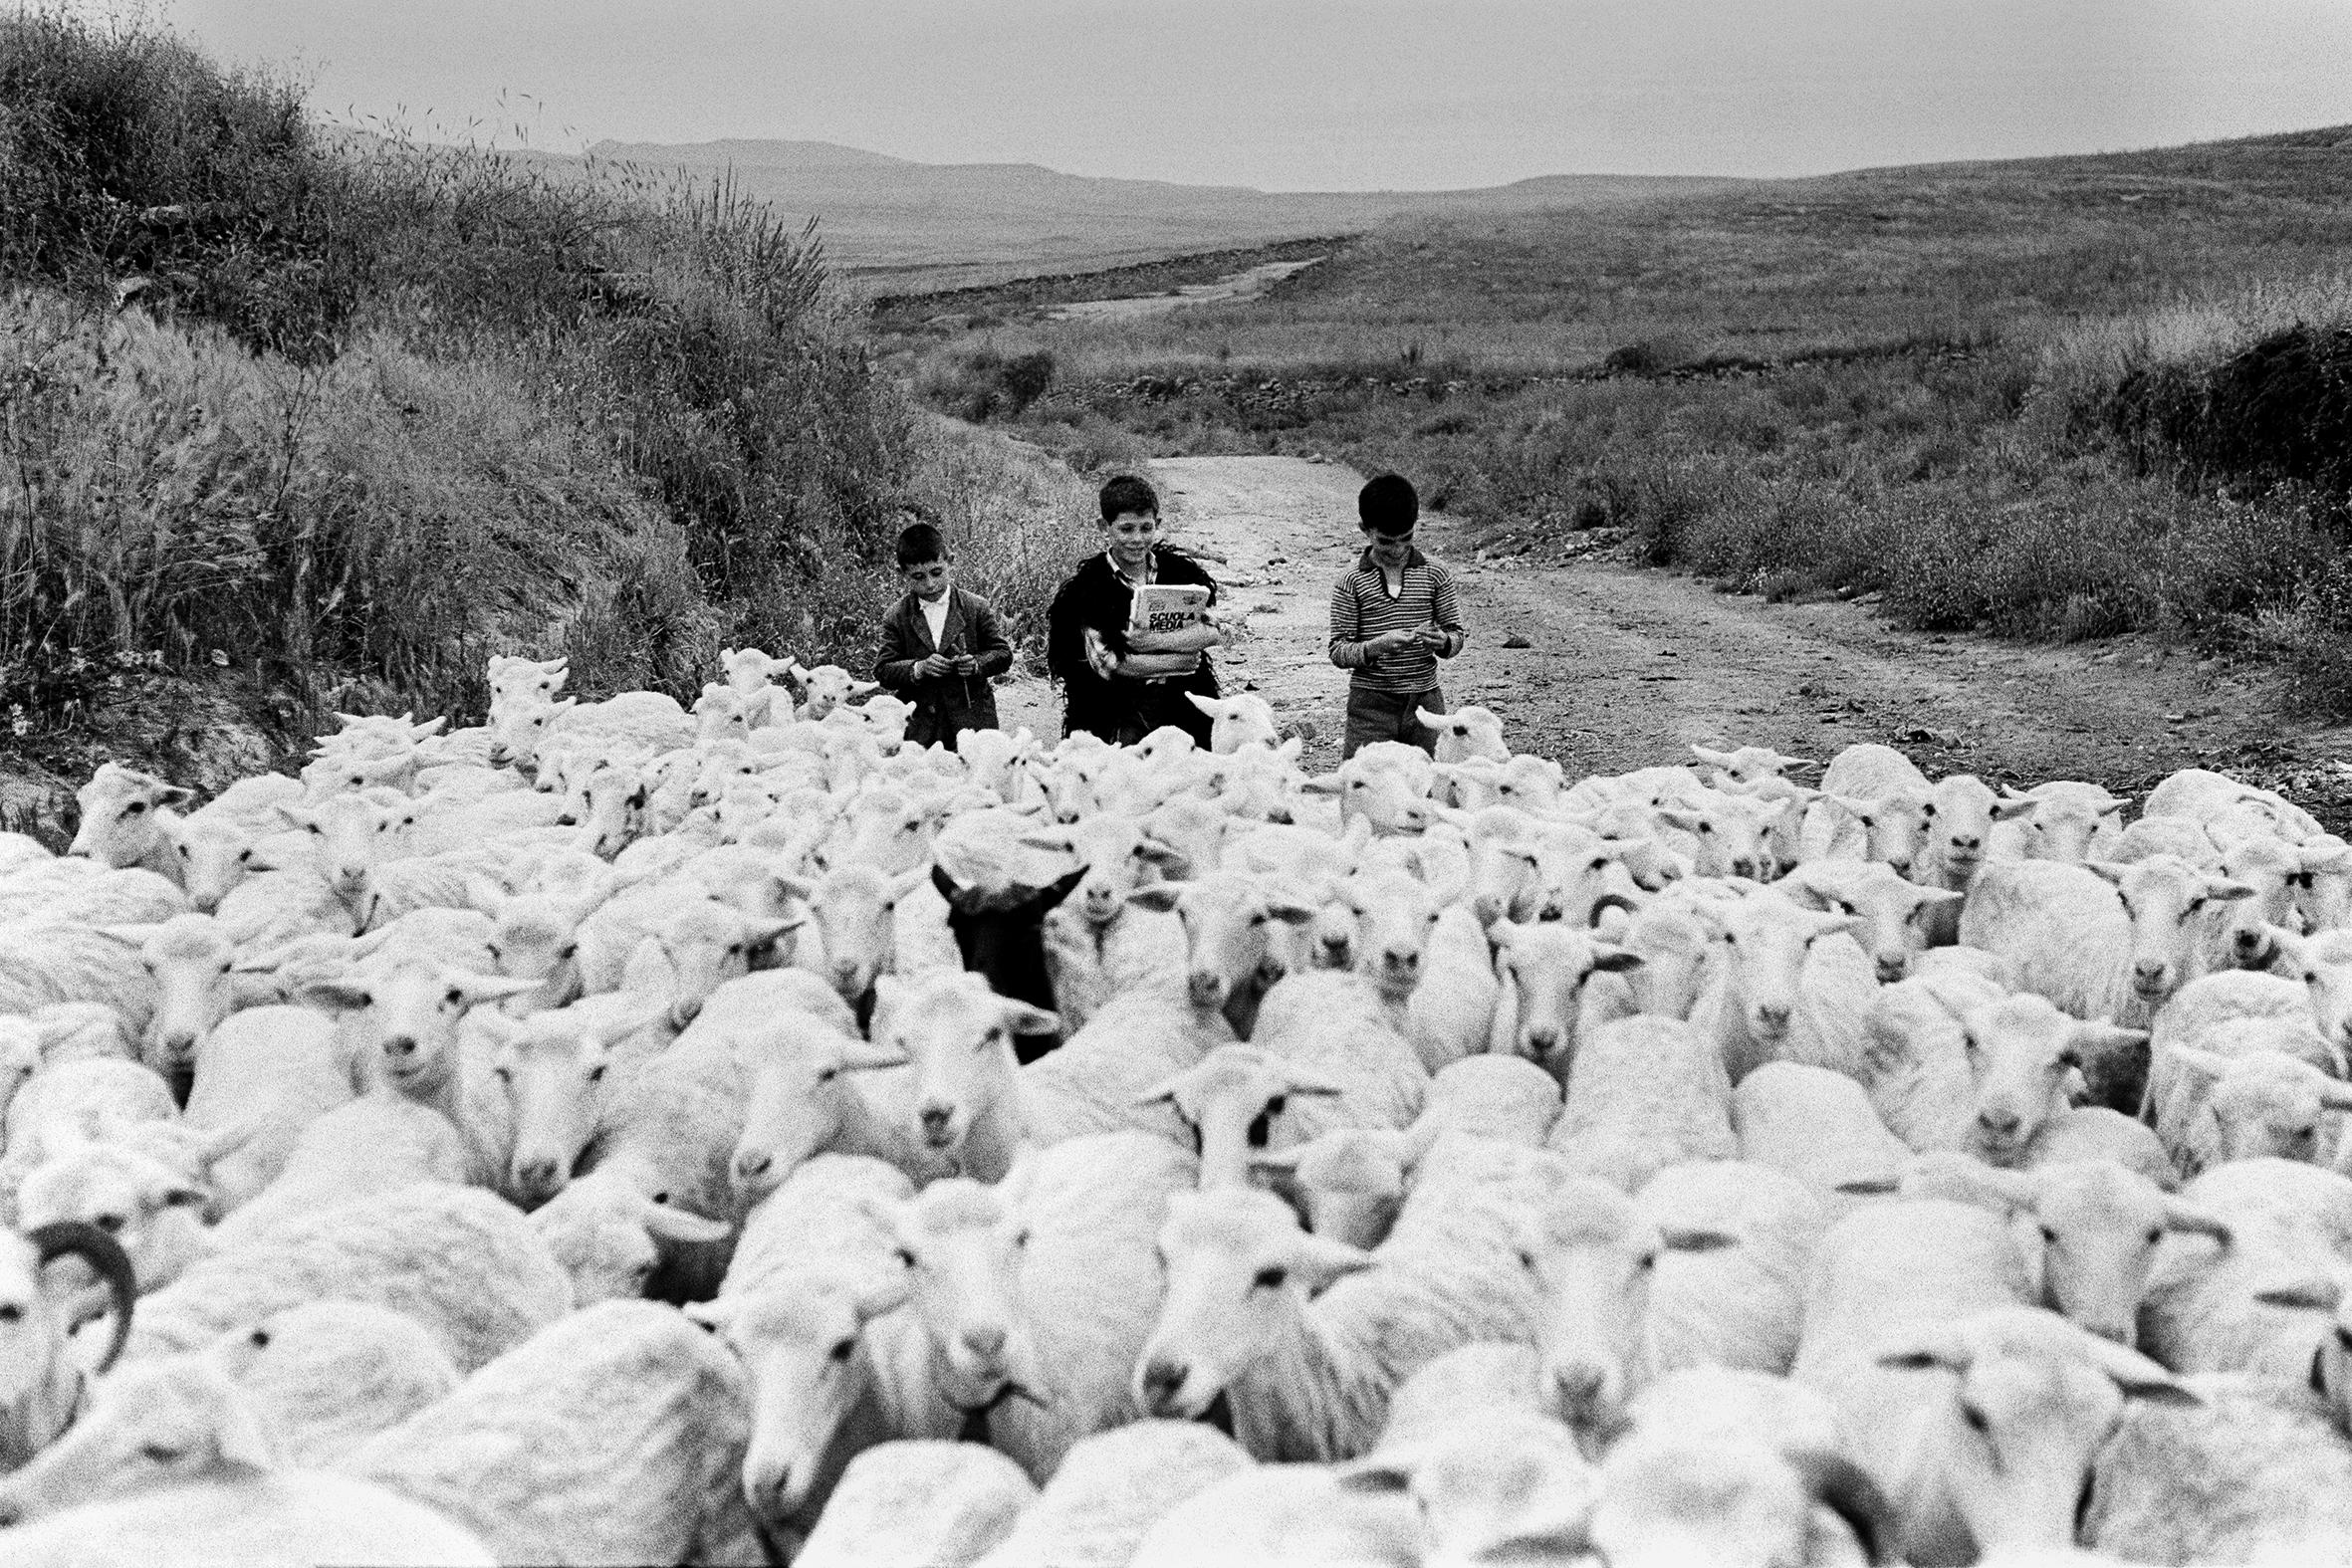 SCUOLA - 1 – Pastori che vanno a scuola, Senis, Sardegna, 1964